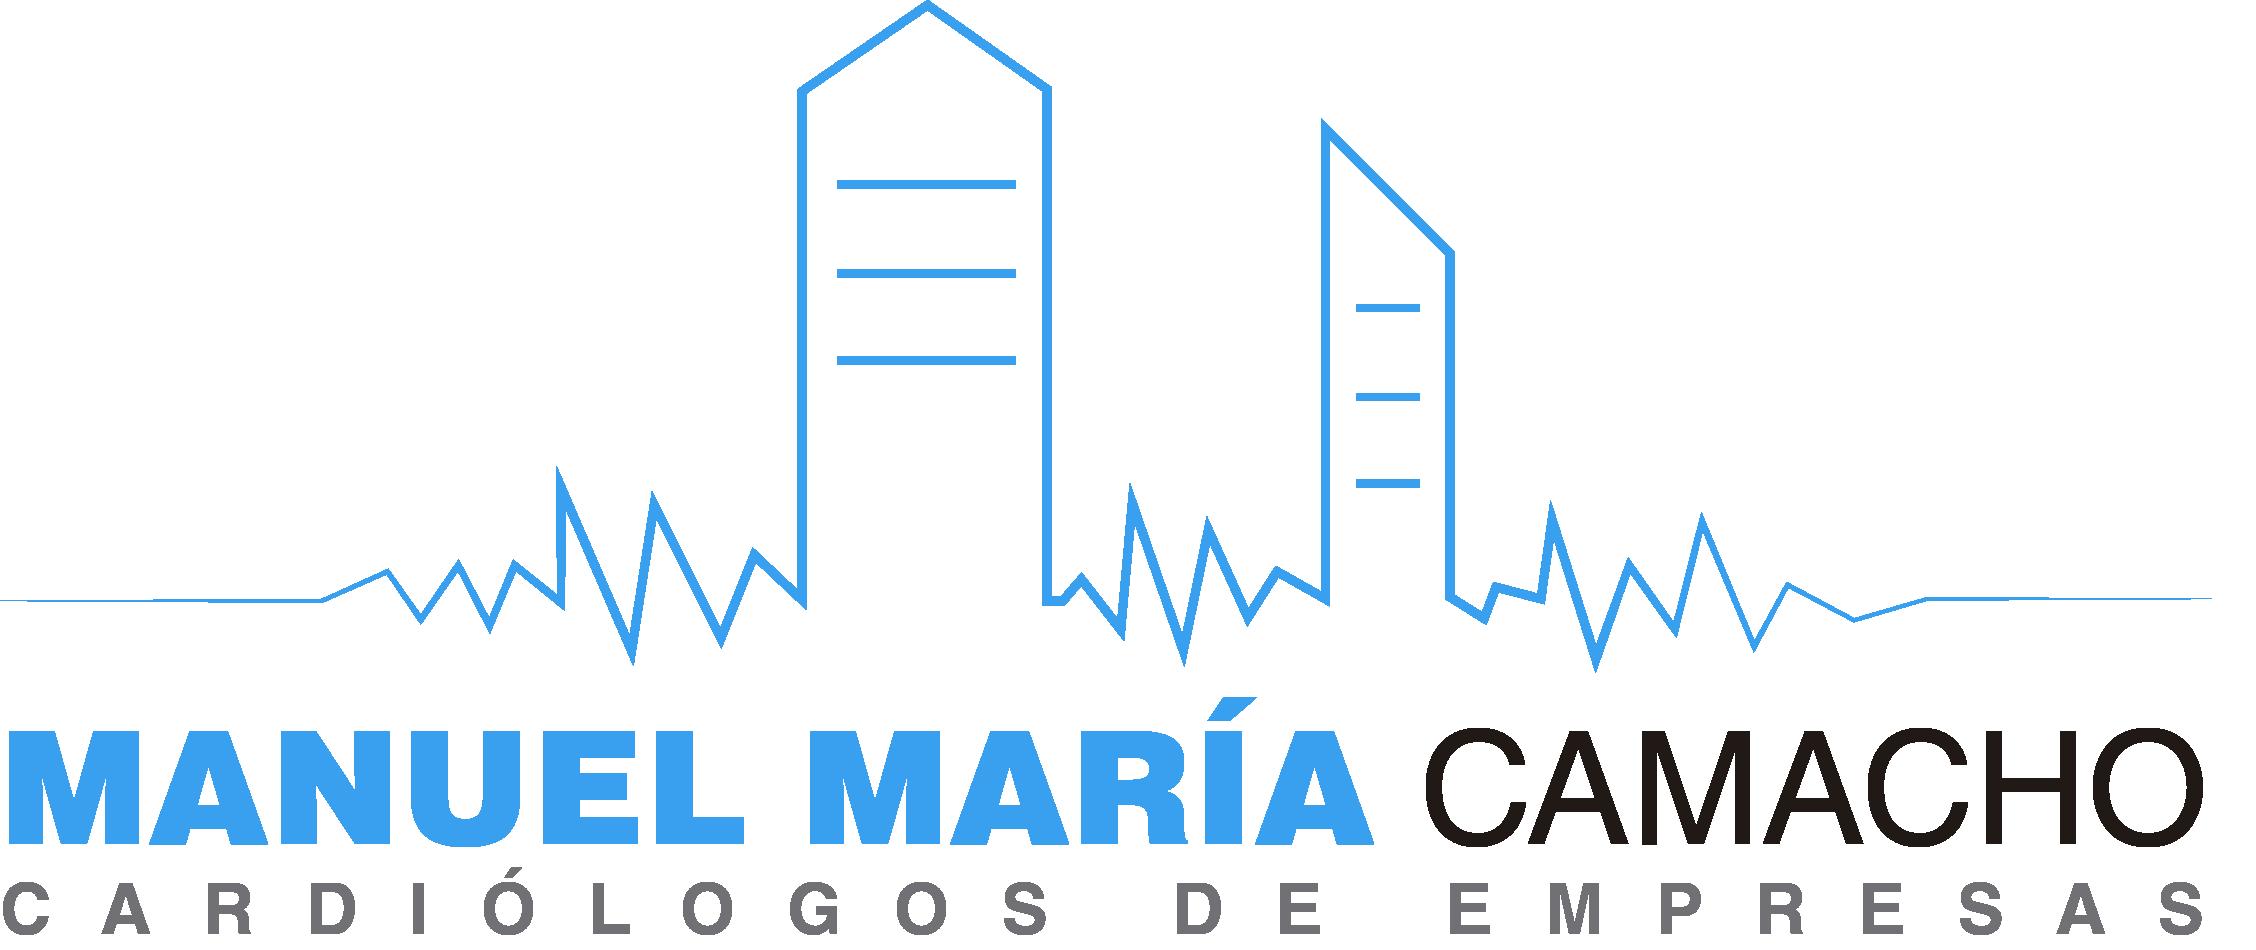 Manuel María Camacho